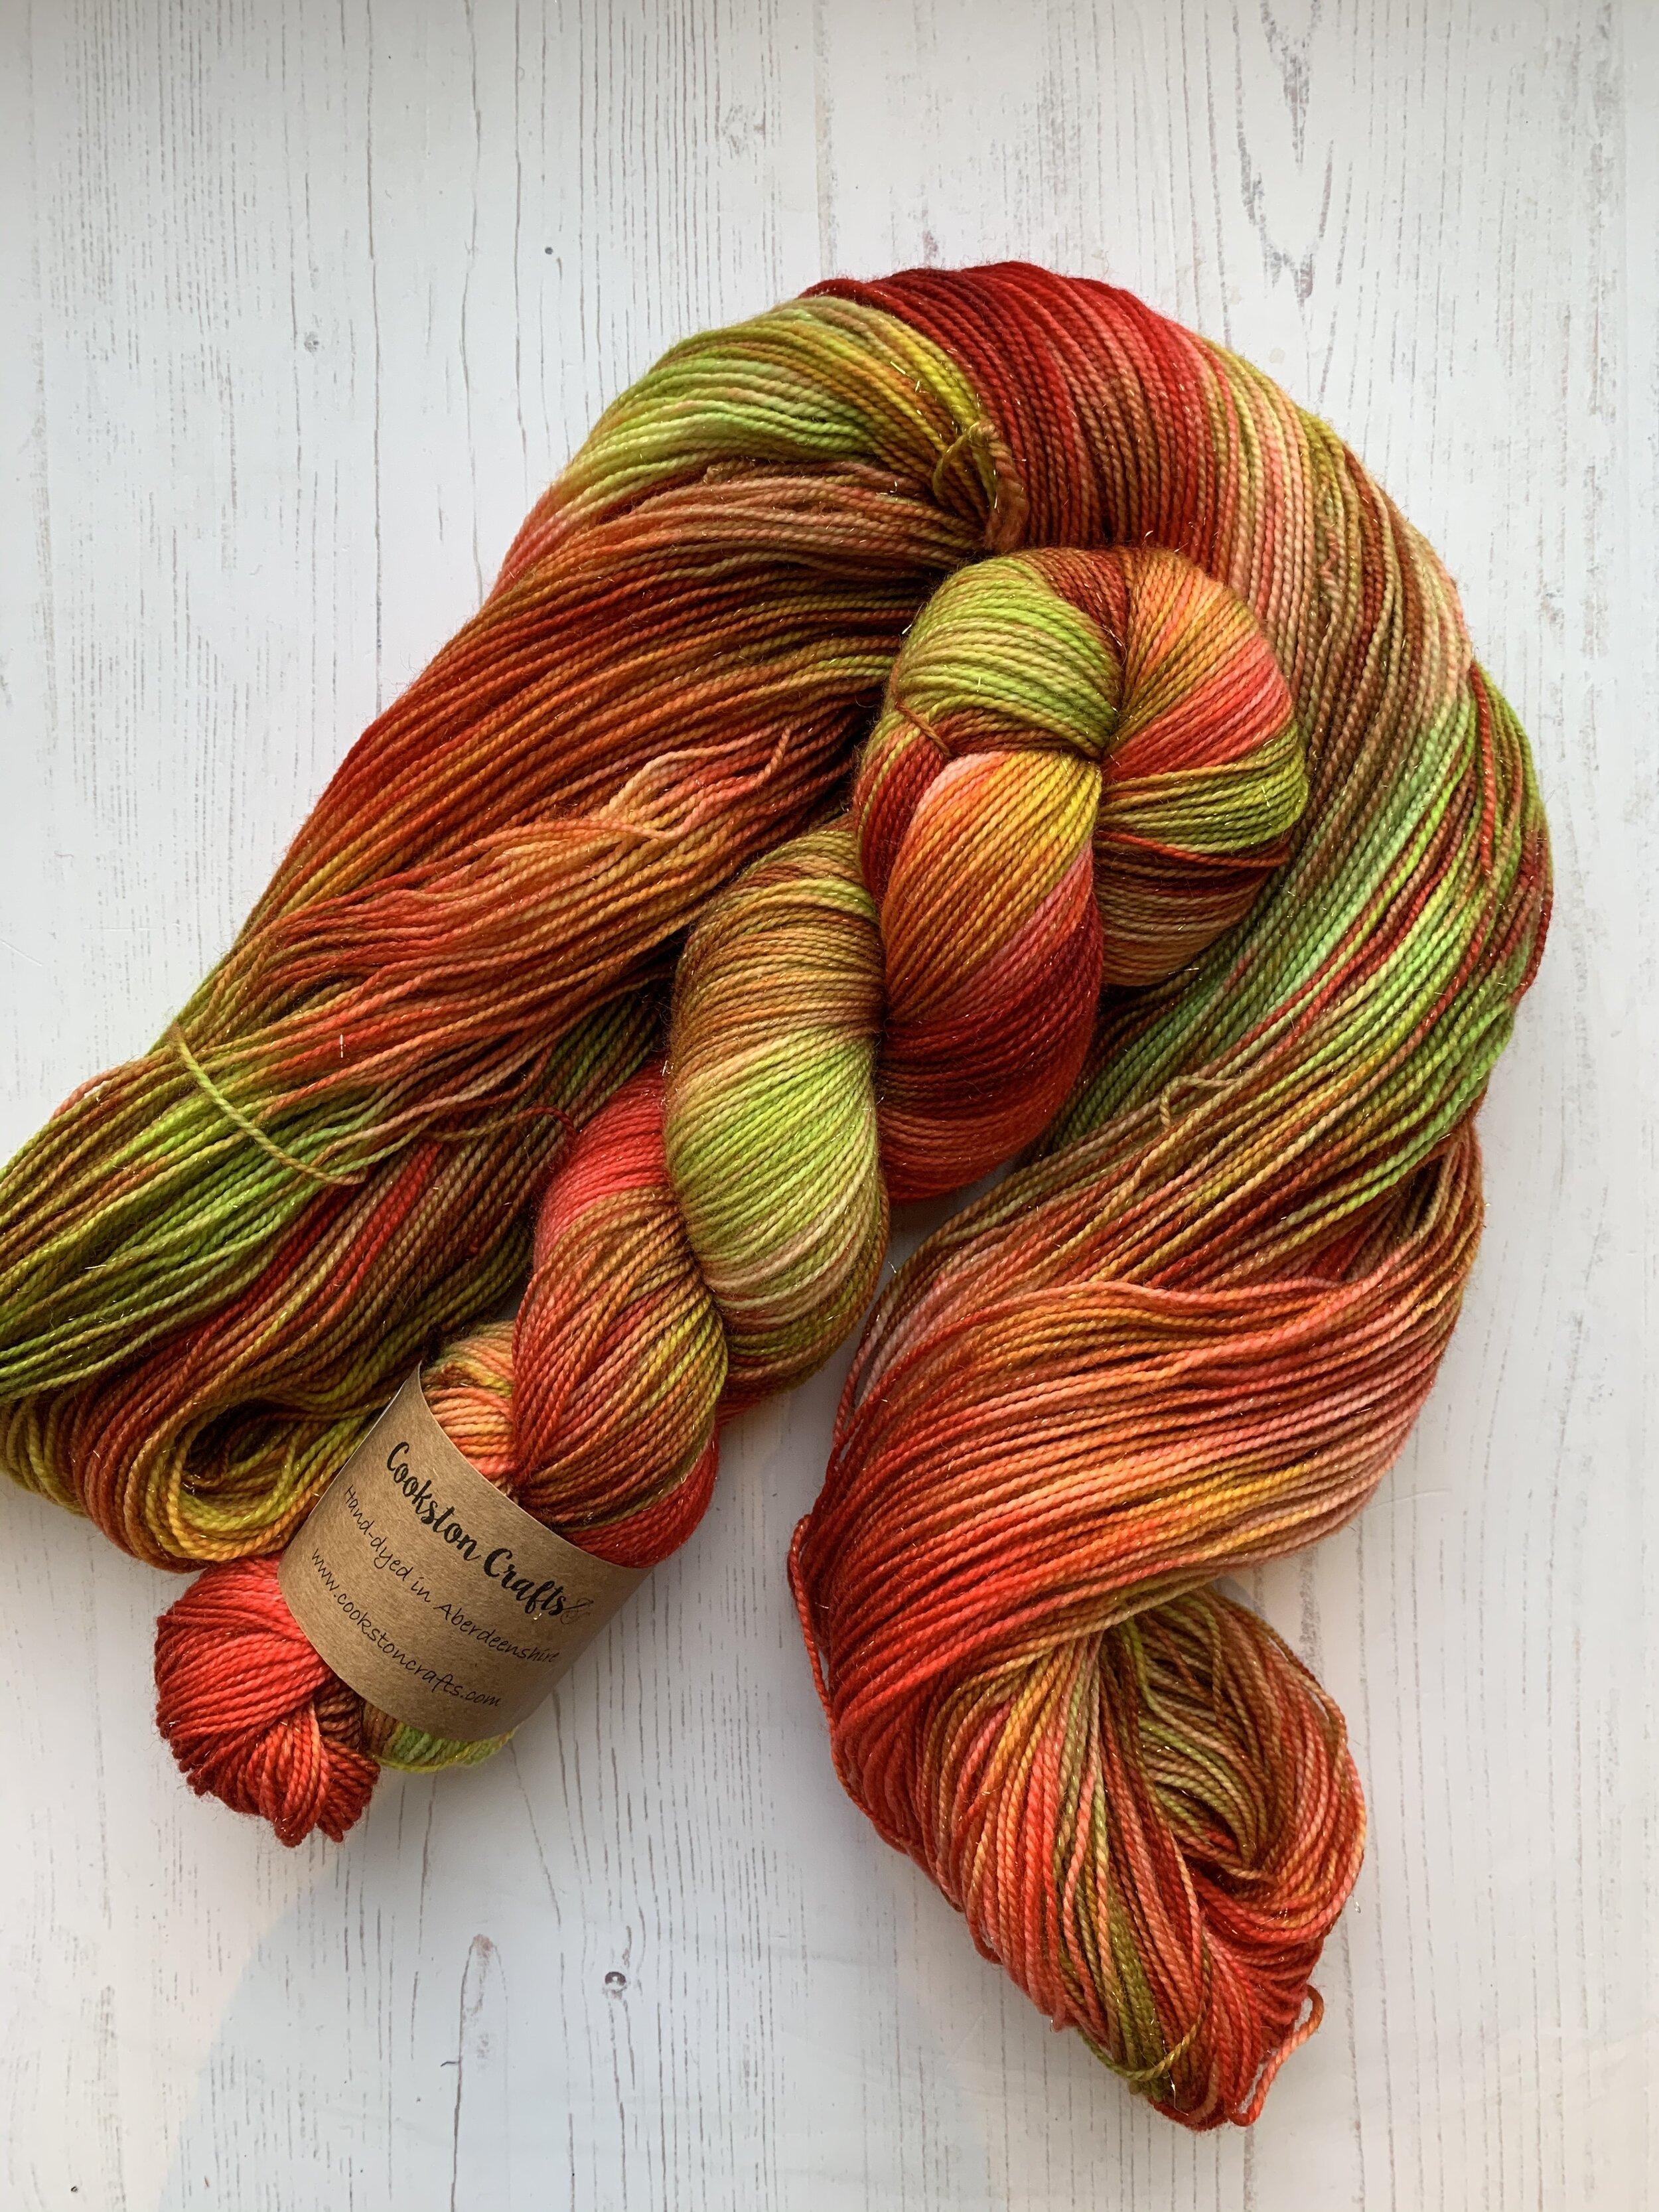 4-ply Hand dyed Merino Nylon Stellina yarn Sock weight SHIMMER 100g